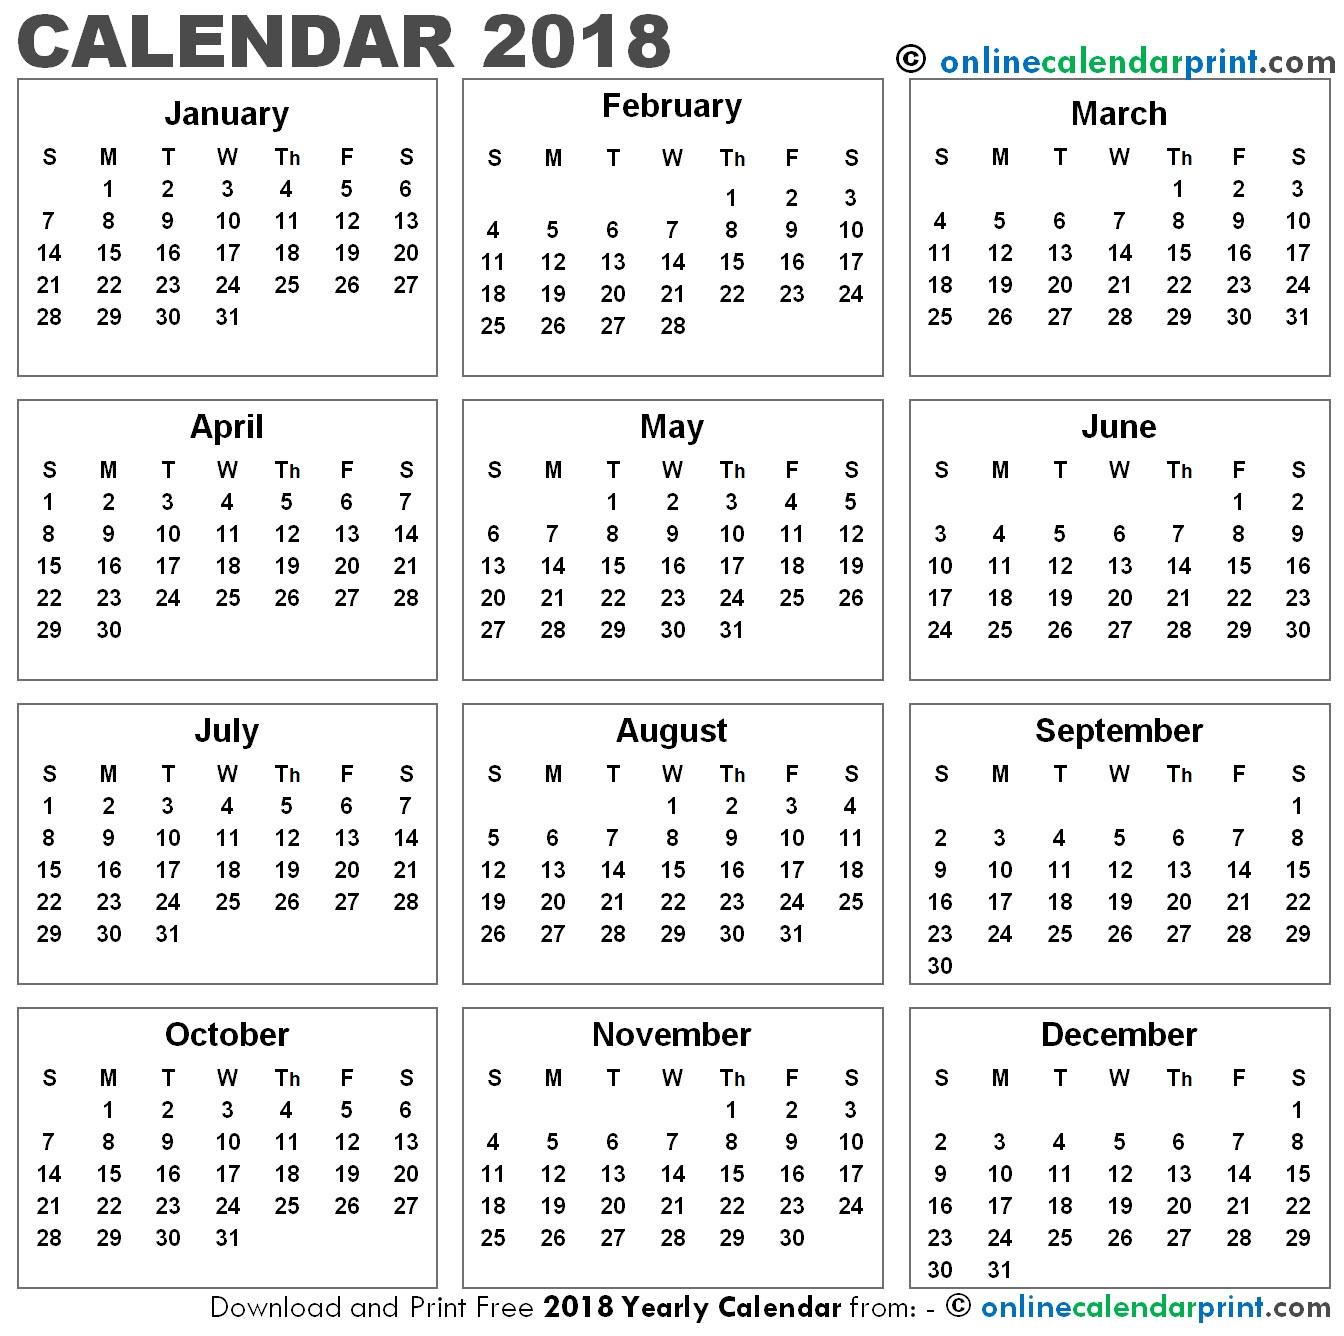 free printable 2018 calendar holidays calendar 2018 blank calendar Free Printable 12 Month Calendar 2018 erdferdf